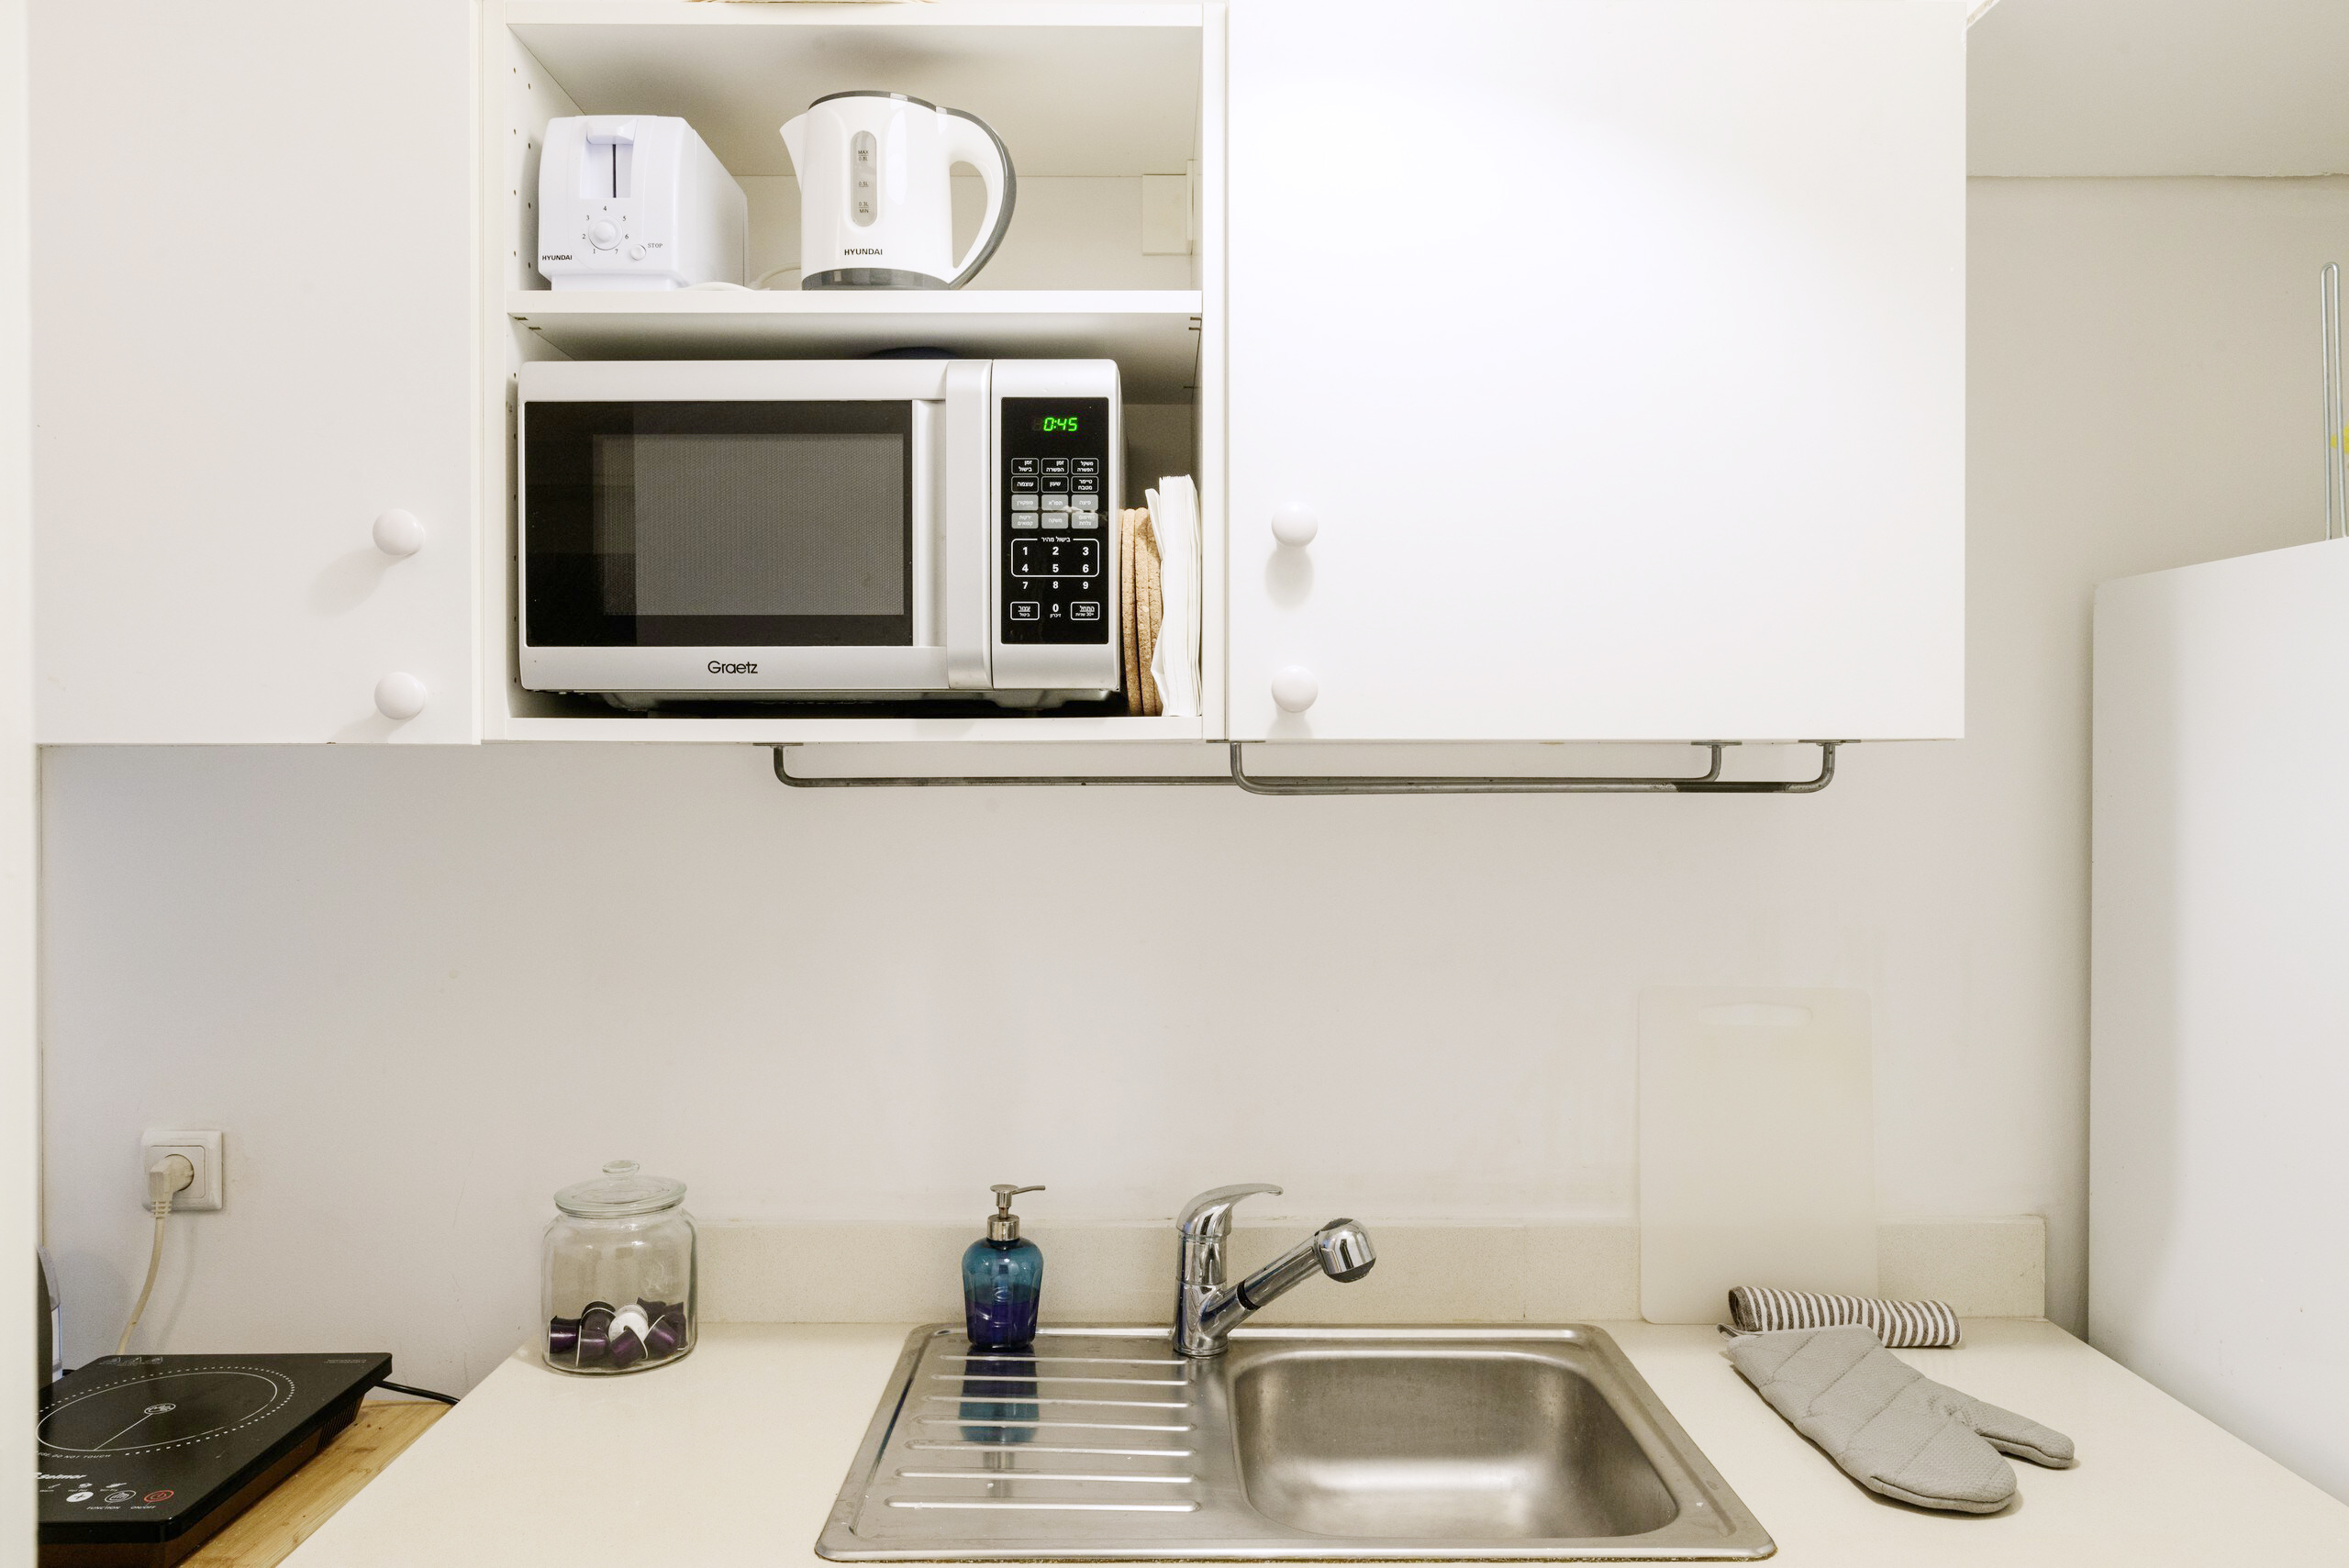 Apartment Sea View 2 bedroom apartment next to Hilton beach photo 21105493